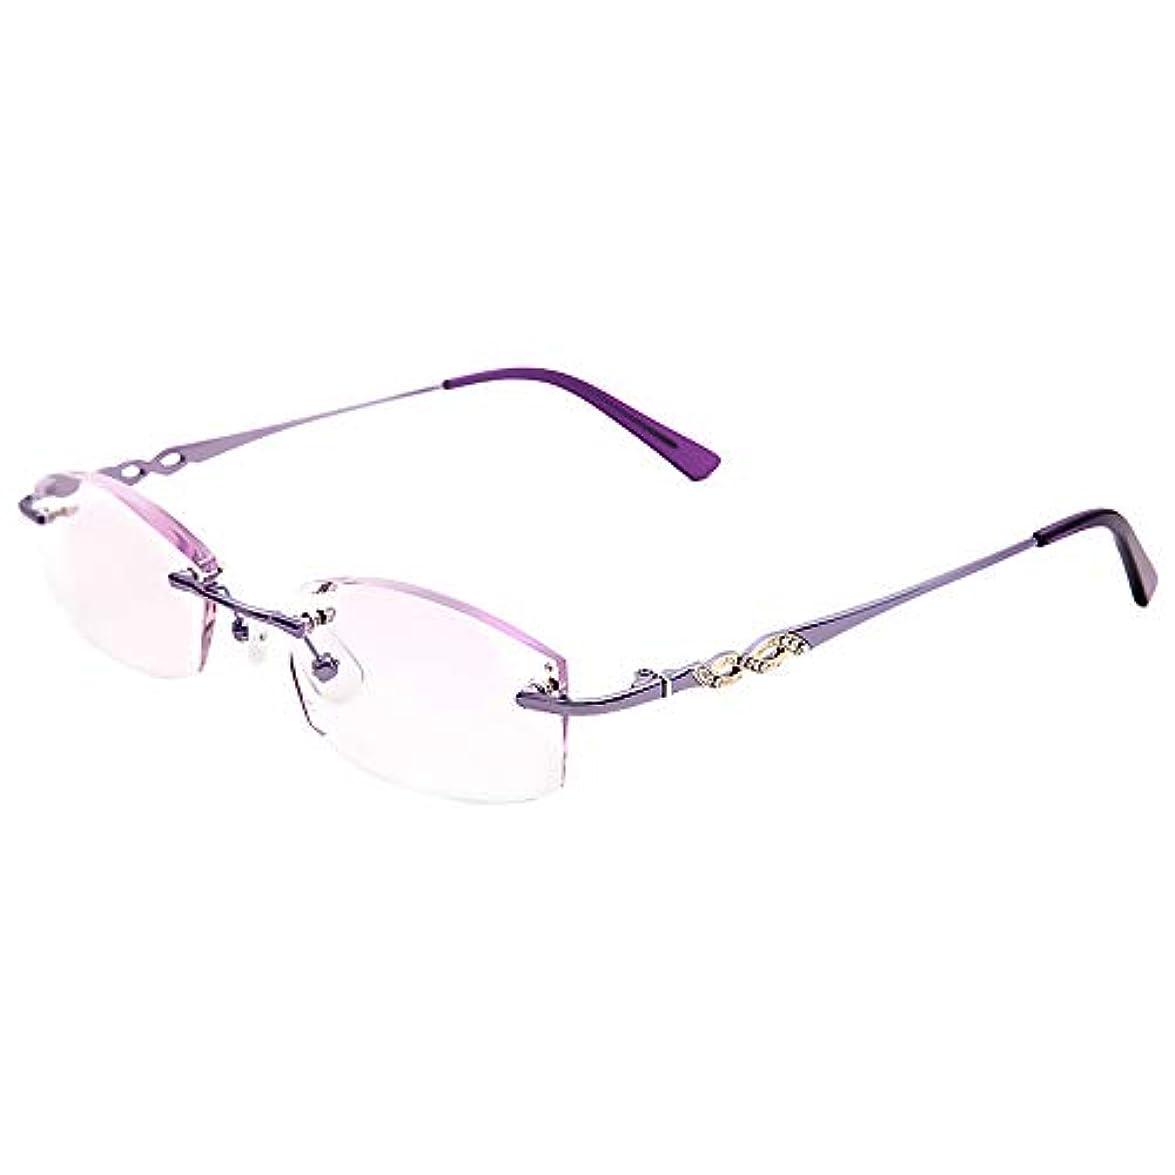 話細胞ビール老眼鏡、ダイヤモンドカットフレームレス老眼鏡女性、スタイリッシュな抗疲労超軽量メガネ、エレガントなくり抜き寺院、メガネケース付き